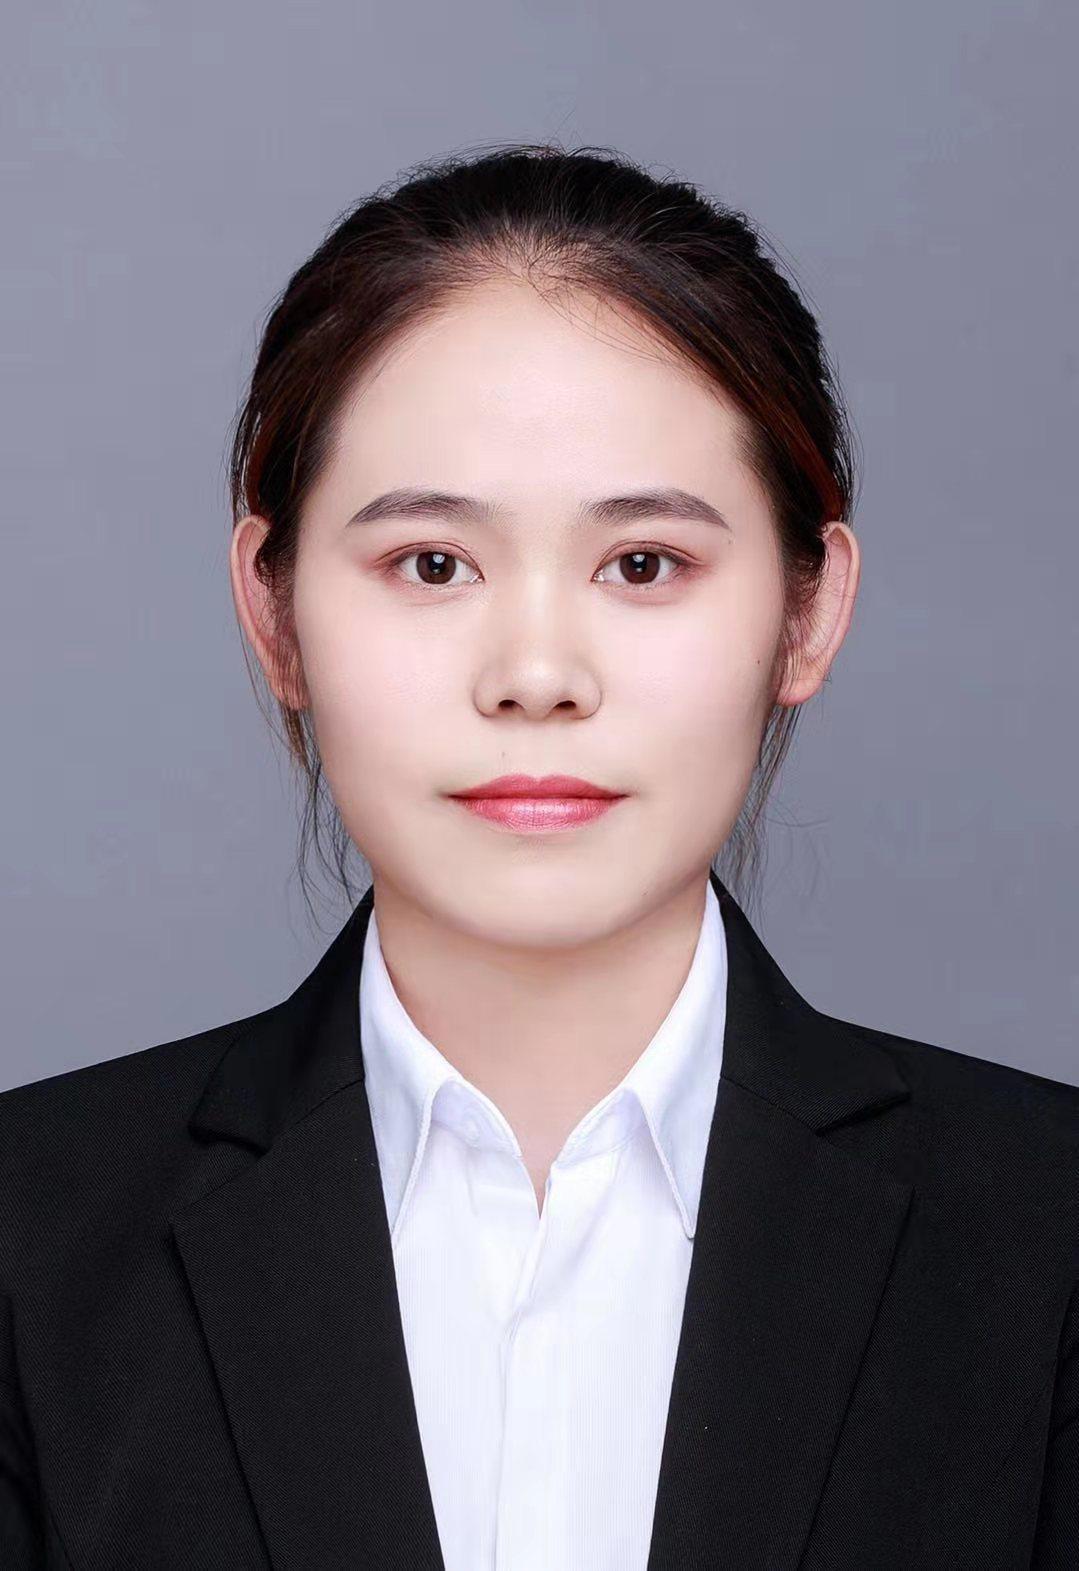 张丹丹13773060794